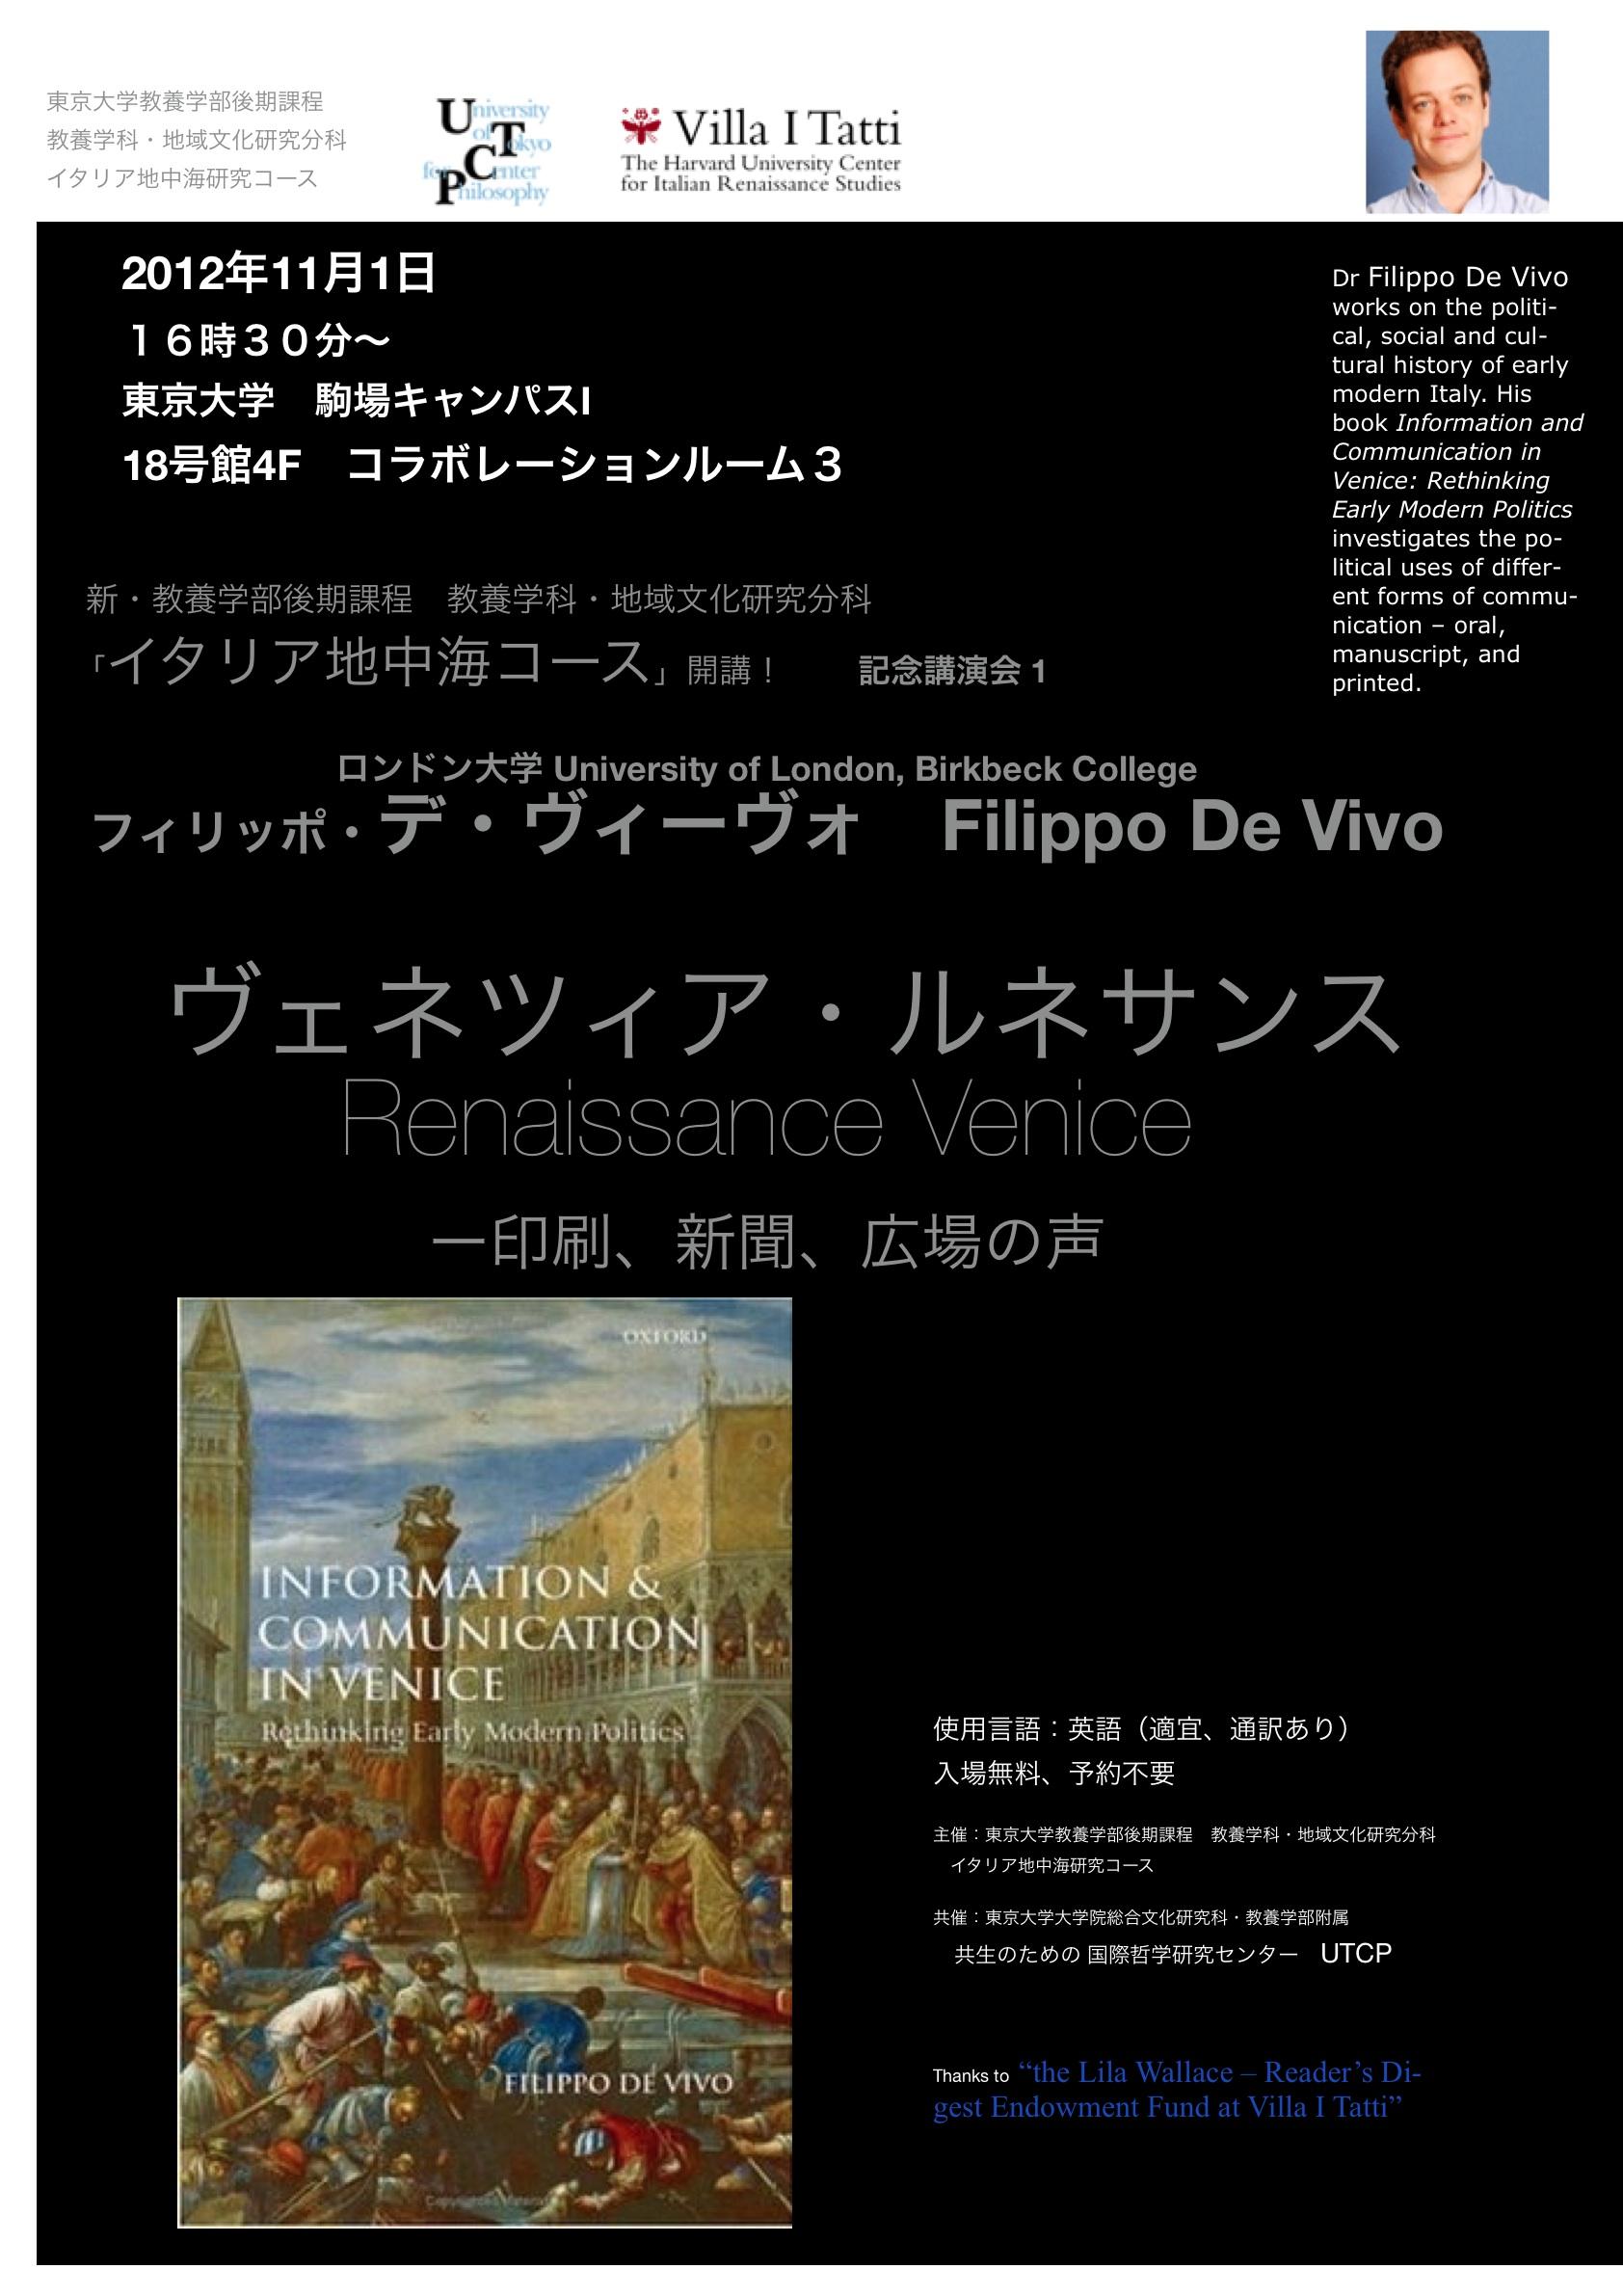 poster_20121101.jpg